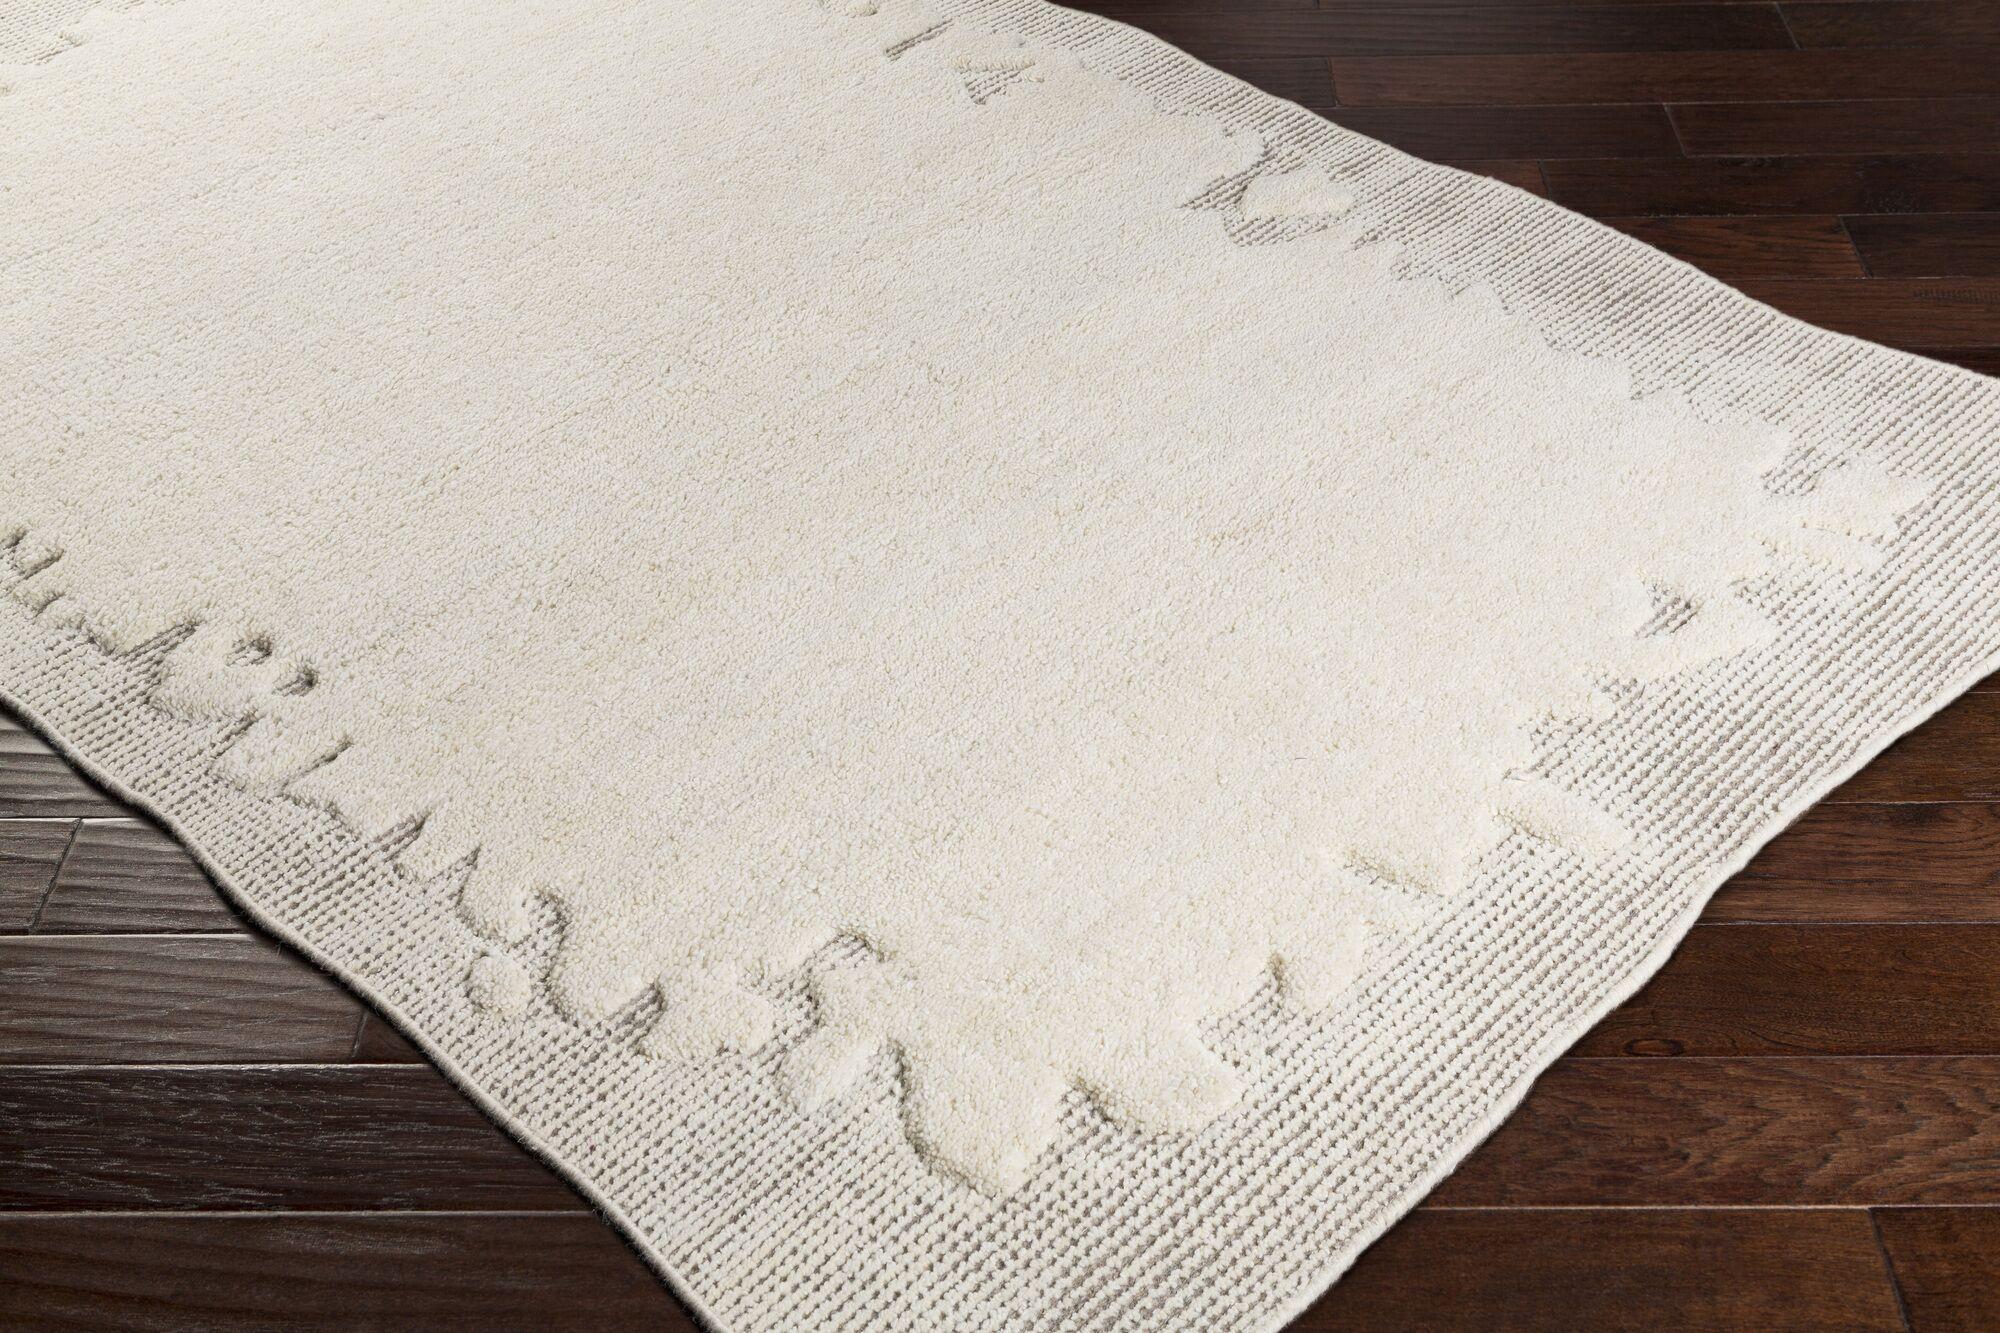 Celinda Hand Woven Wool Cream/Camel Area Rug Rug Size: Rectangle 5' x 8'